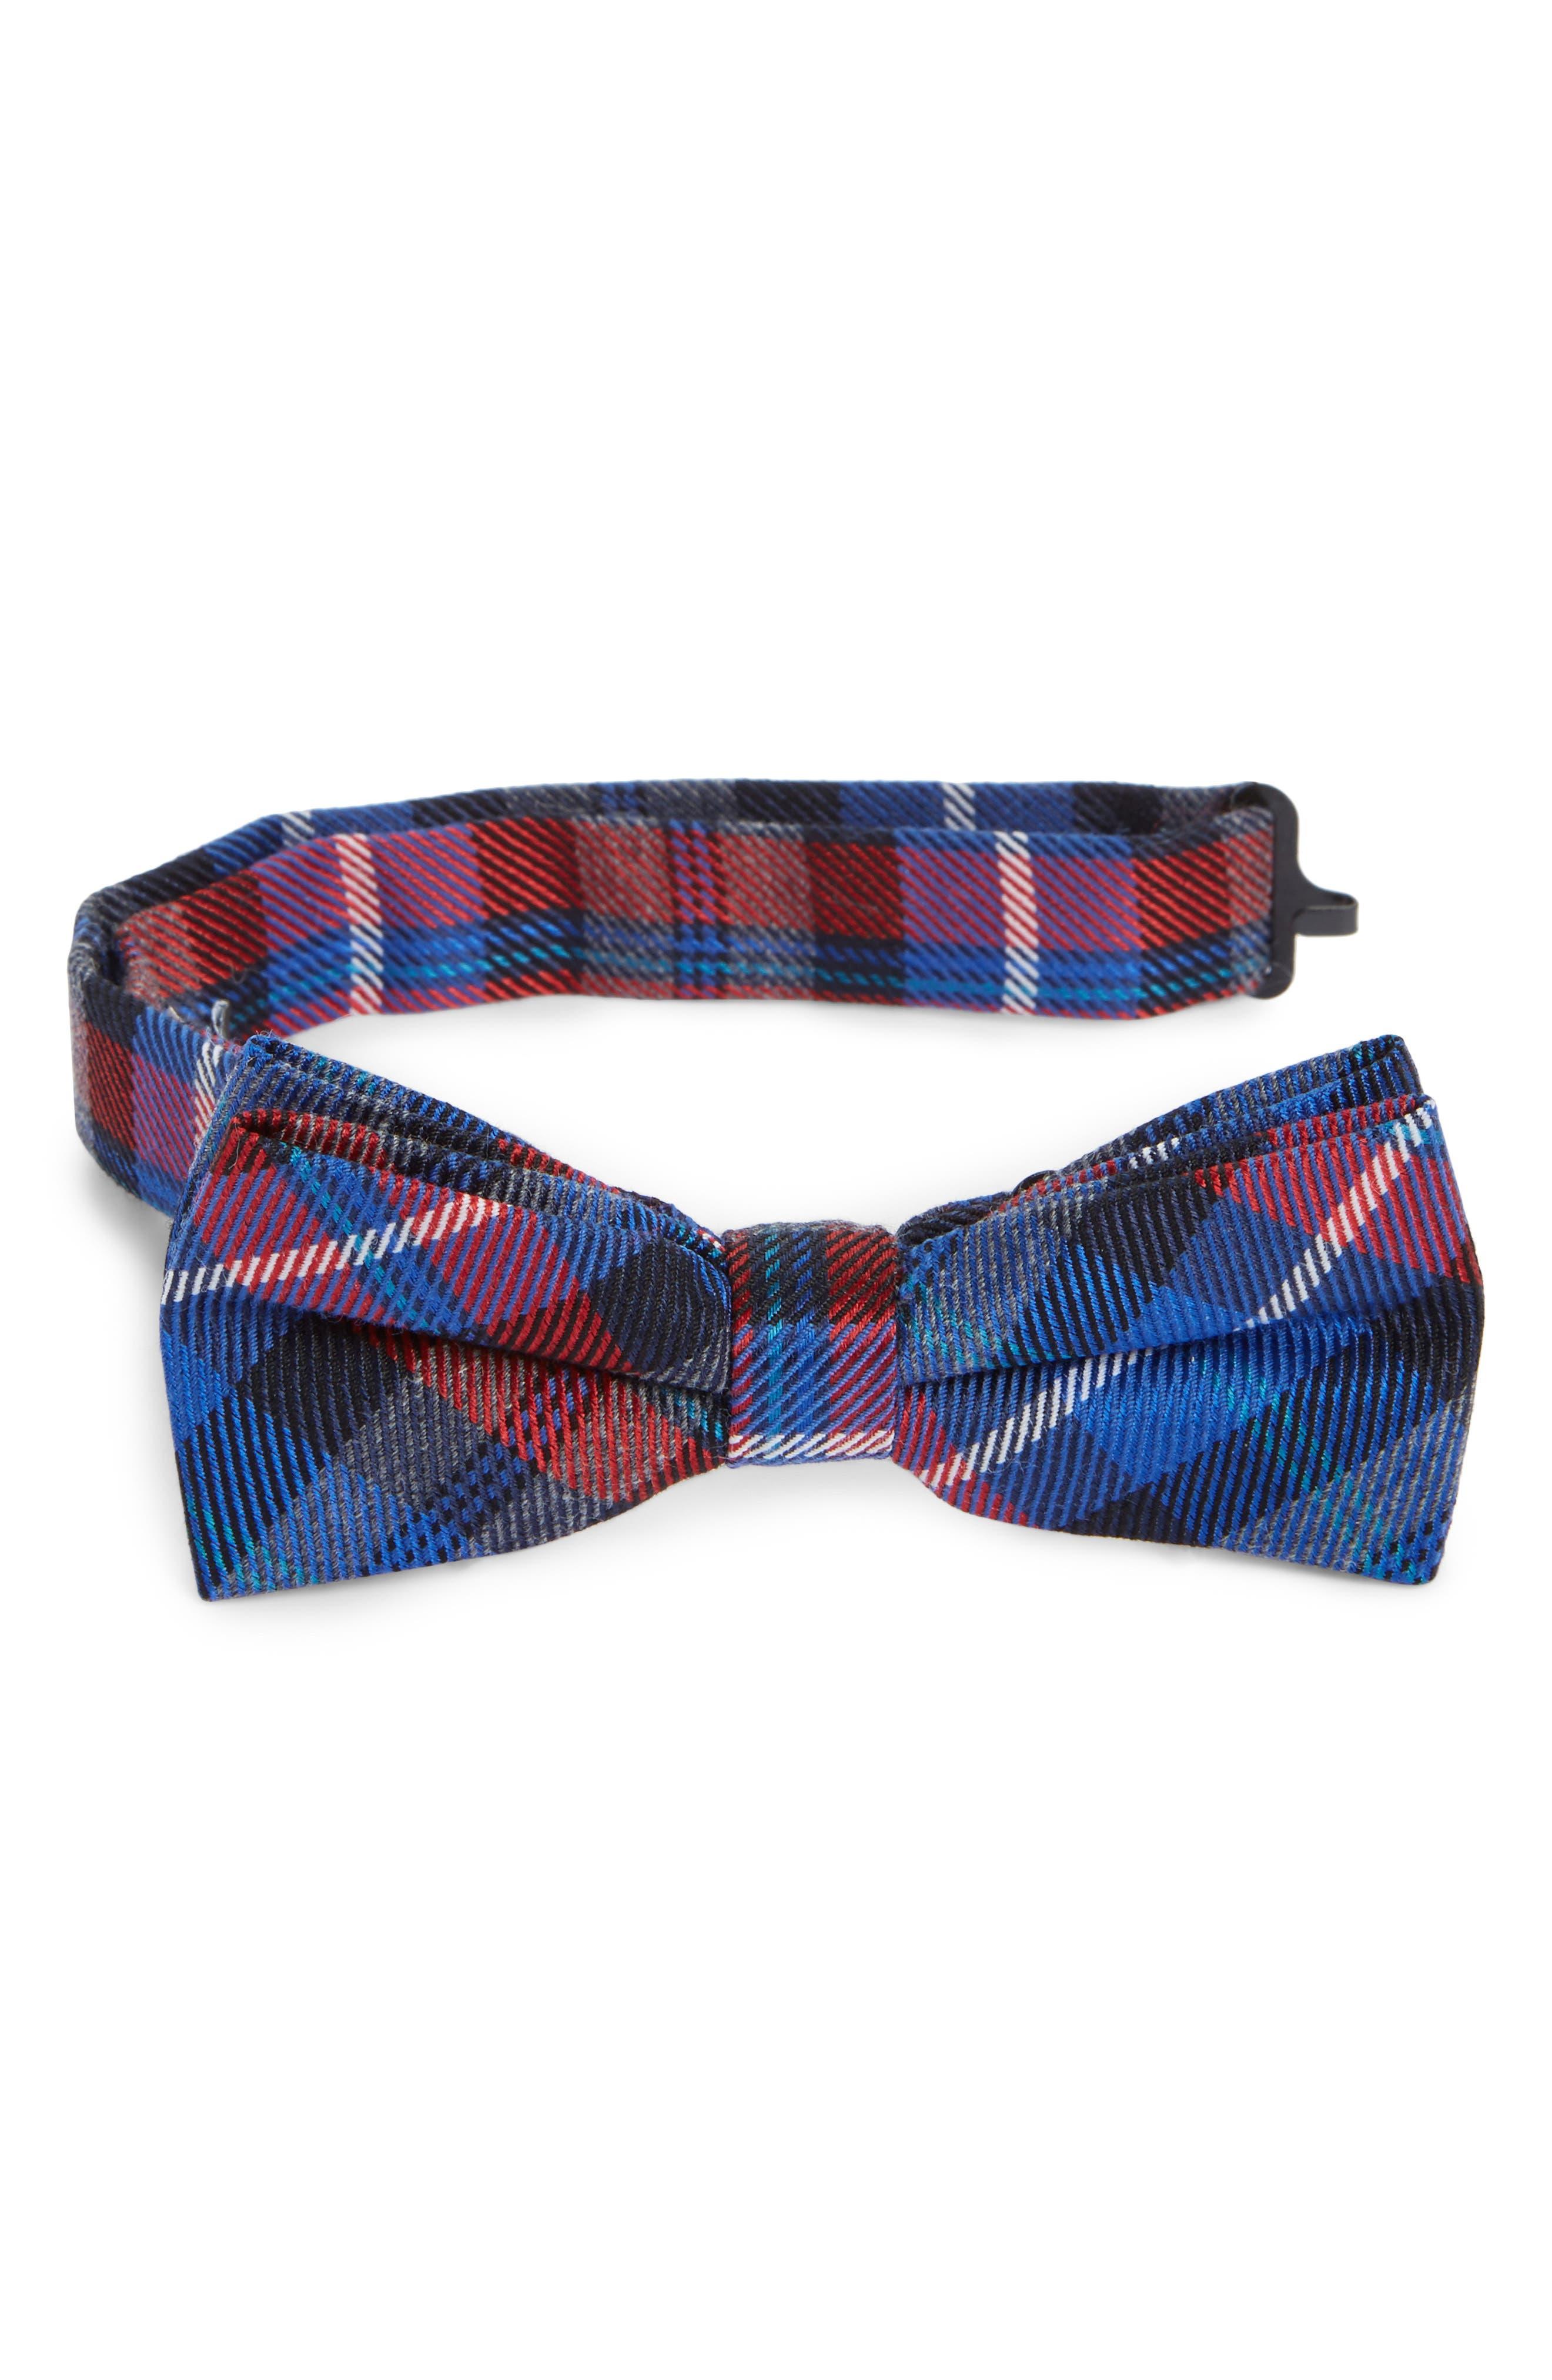 Plaid Bow Tie,                         Main,                         color, 600